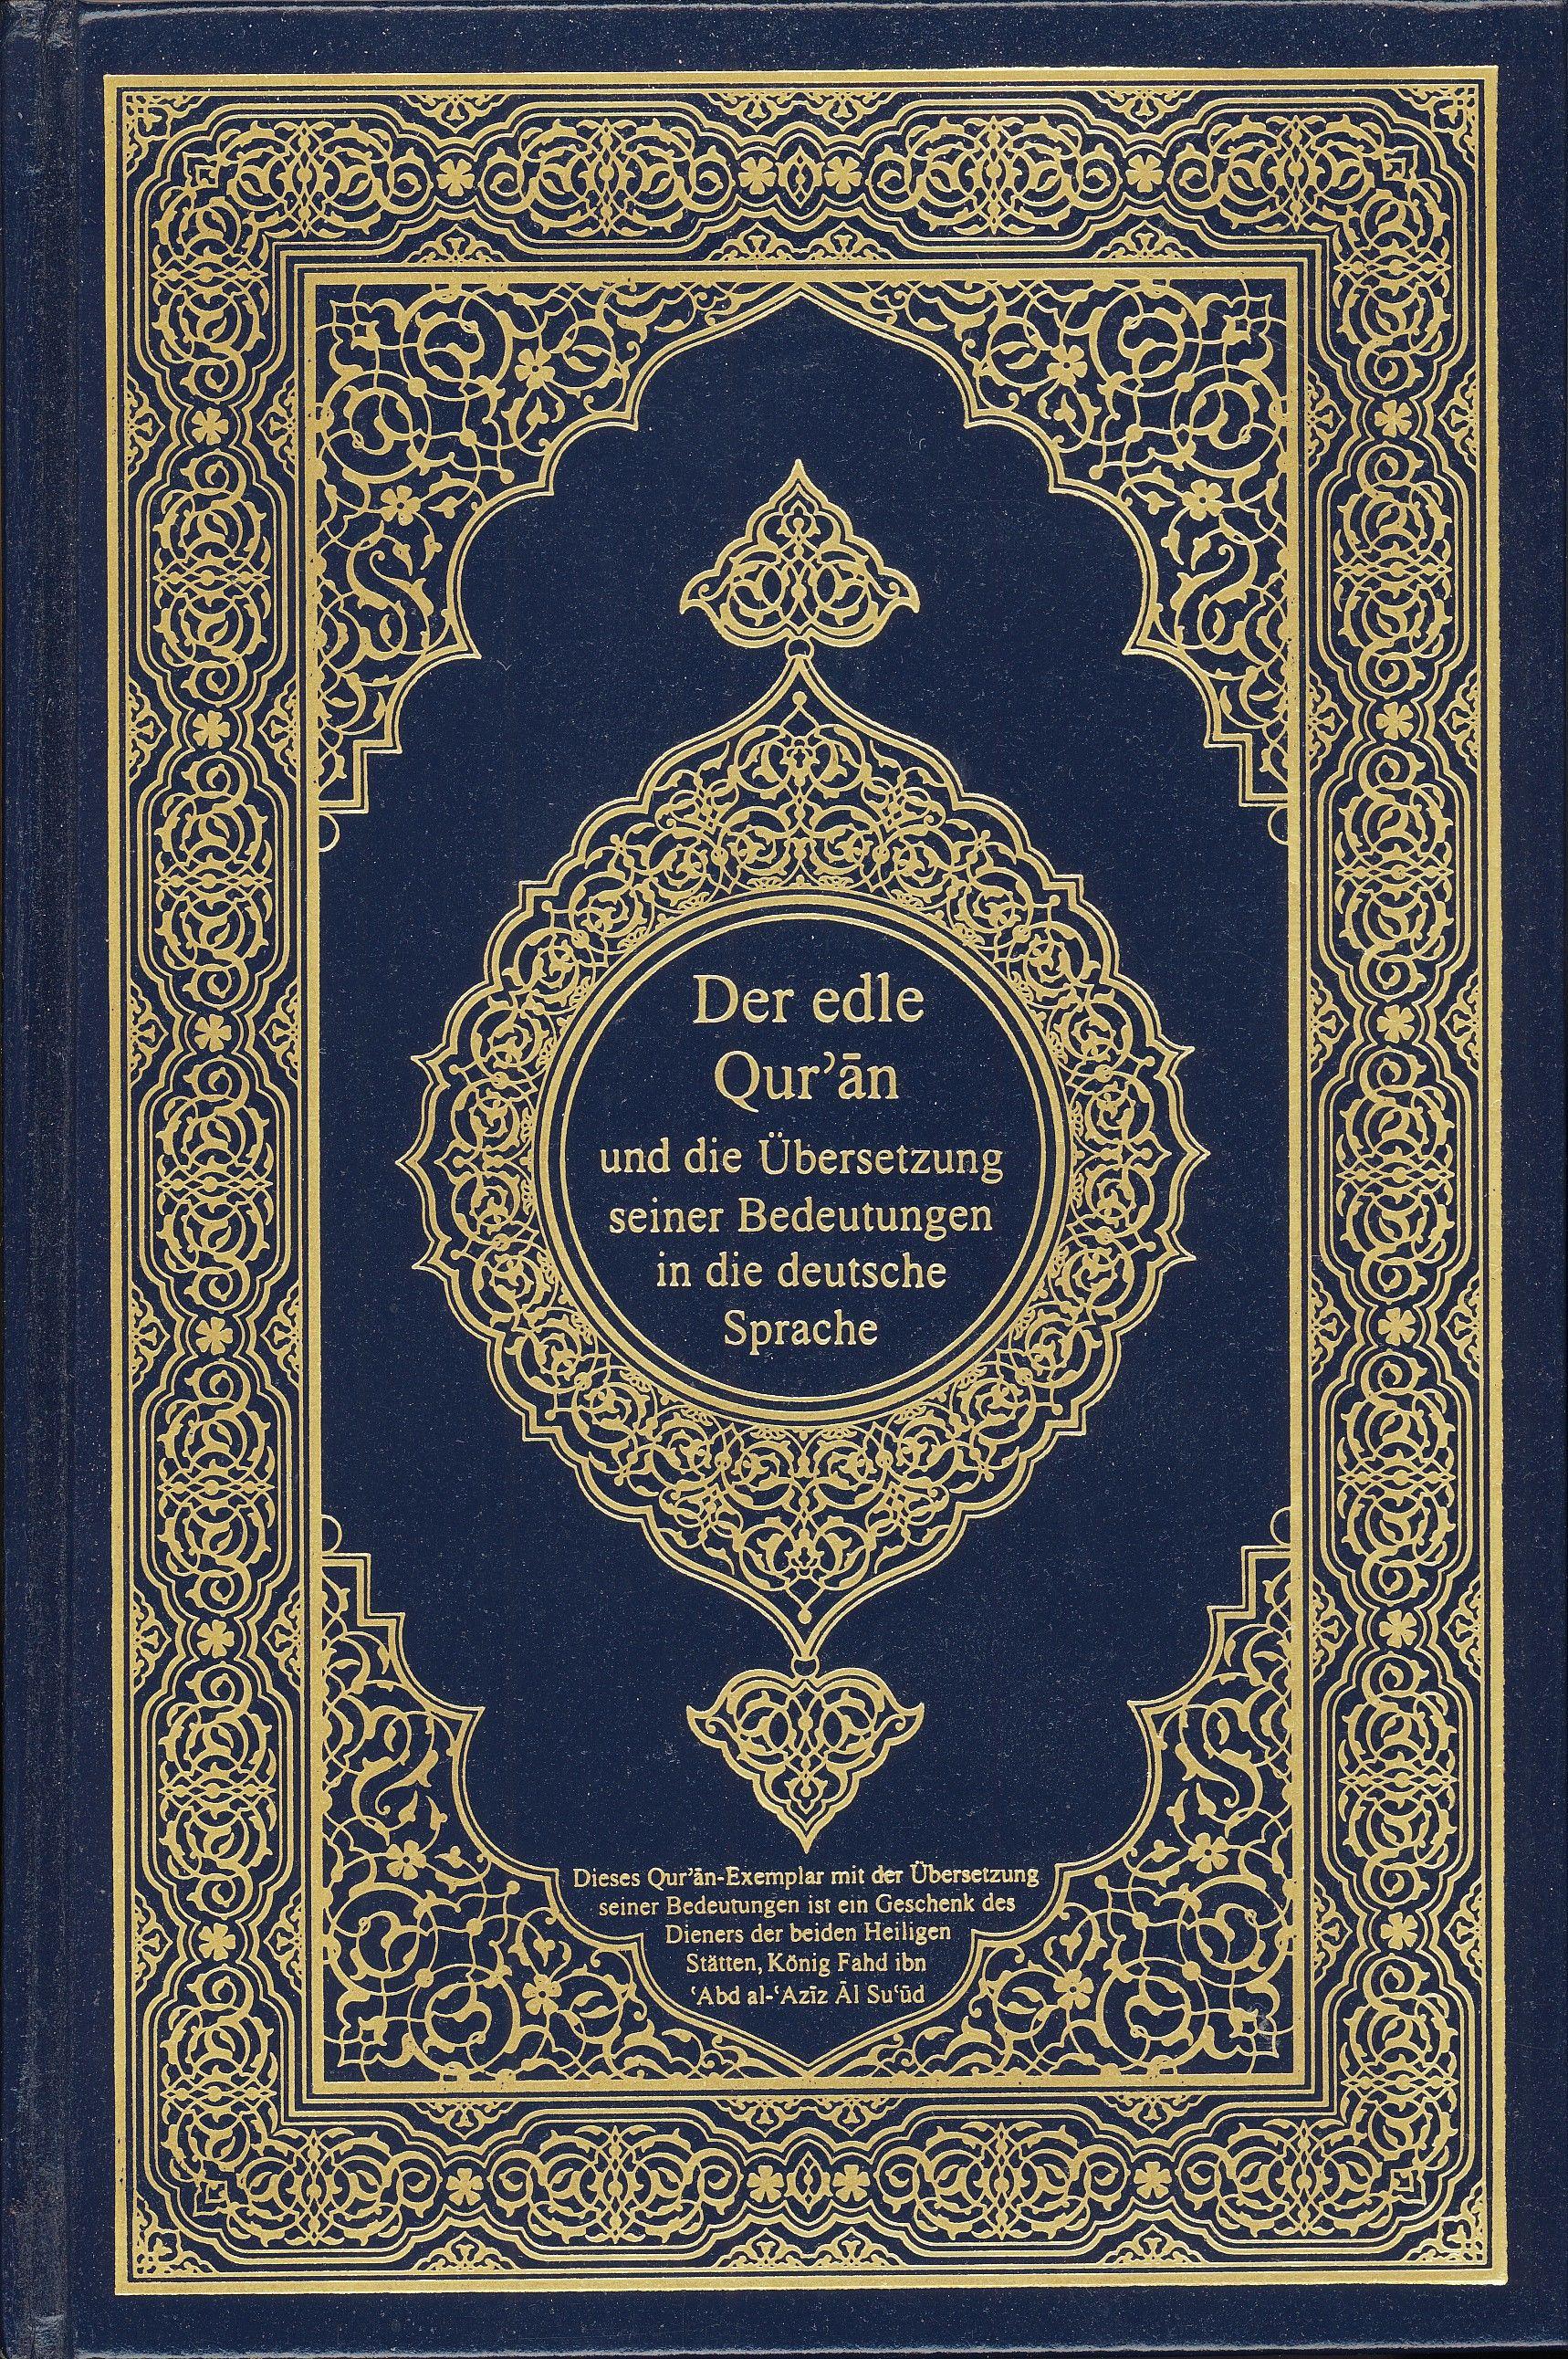 Almanca, Kurân, Der Koran, Almanca